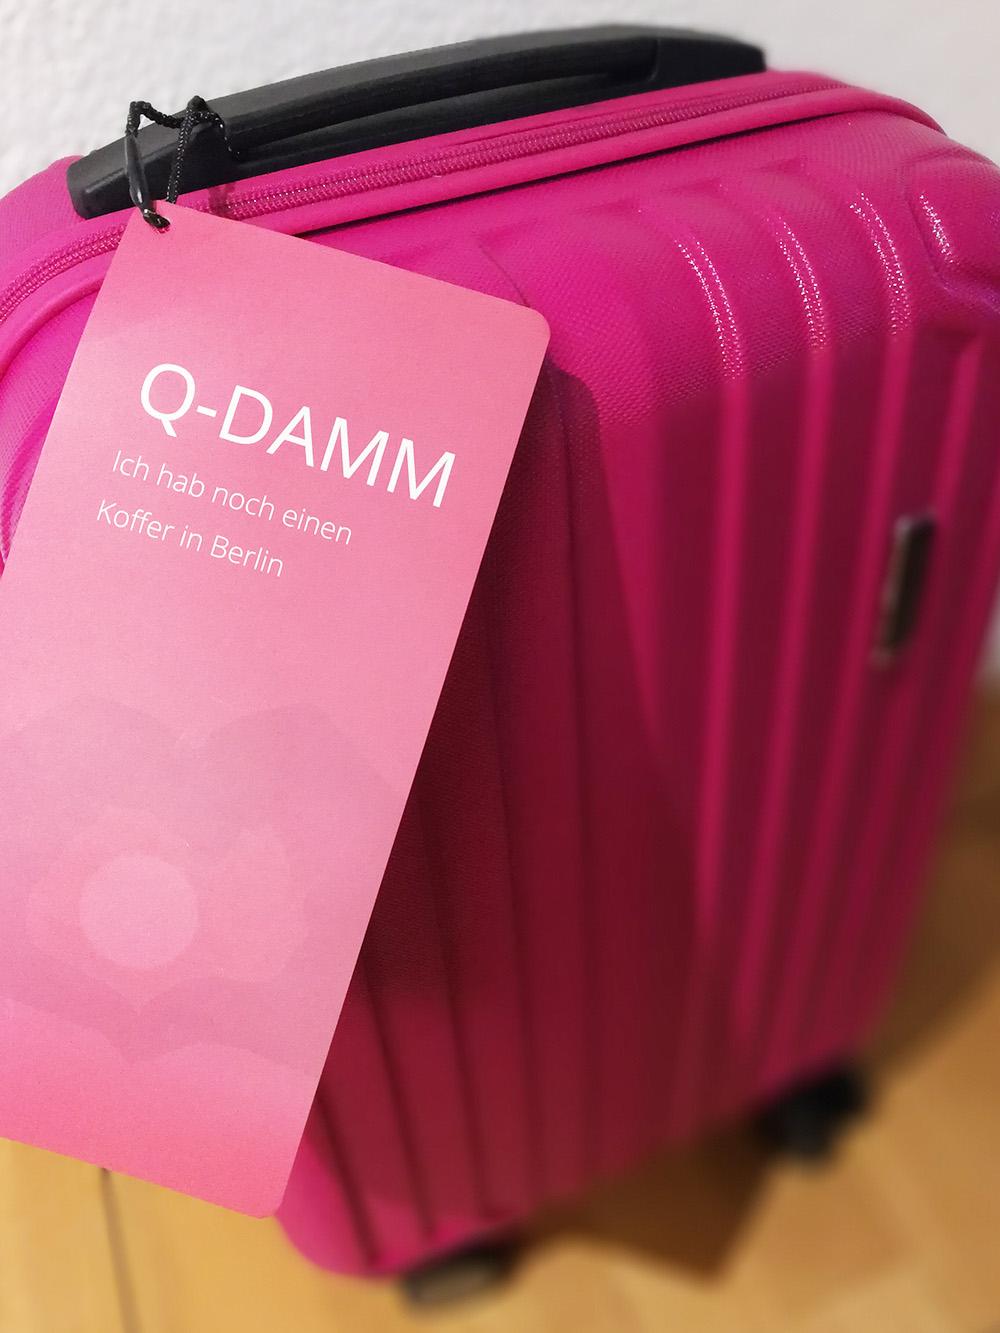 Der coole Koffer von koffer.ch